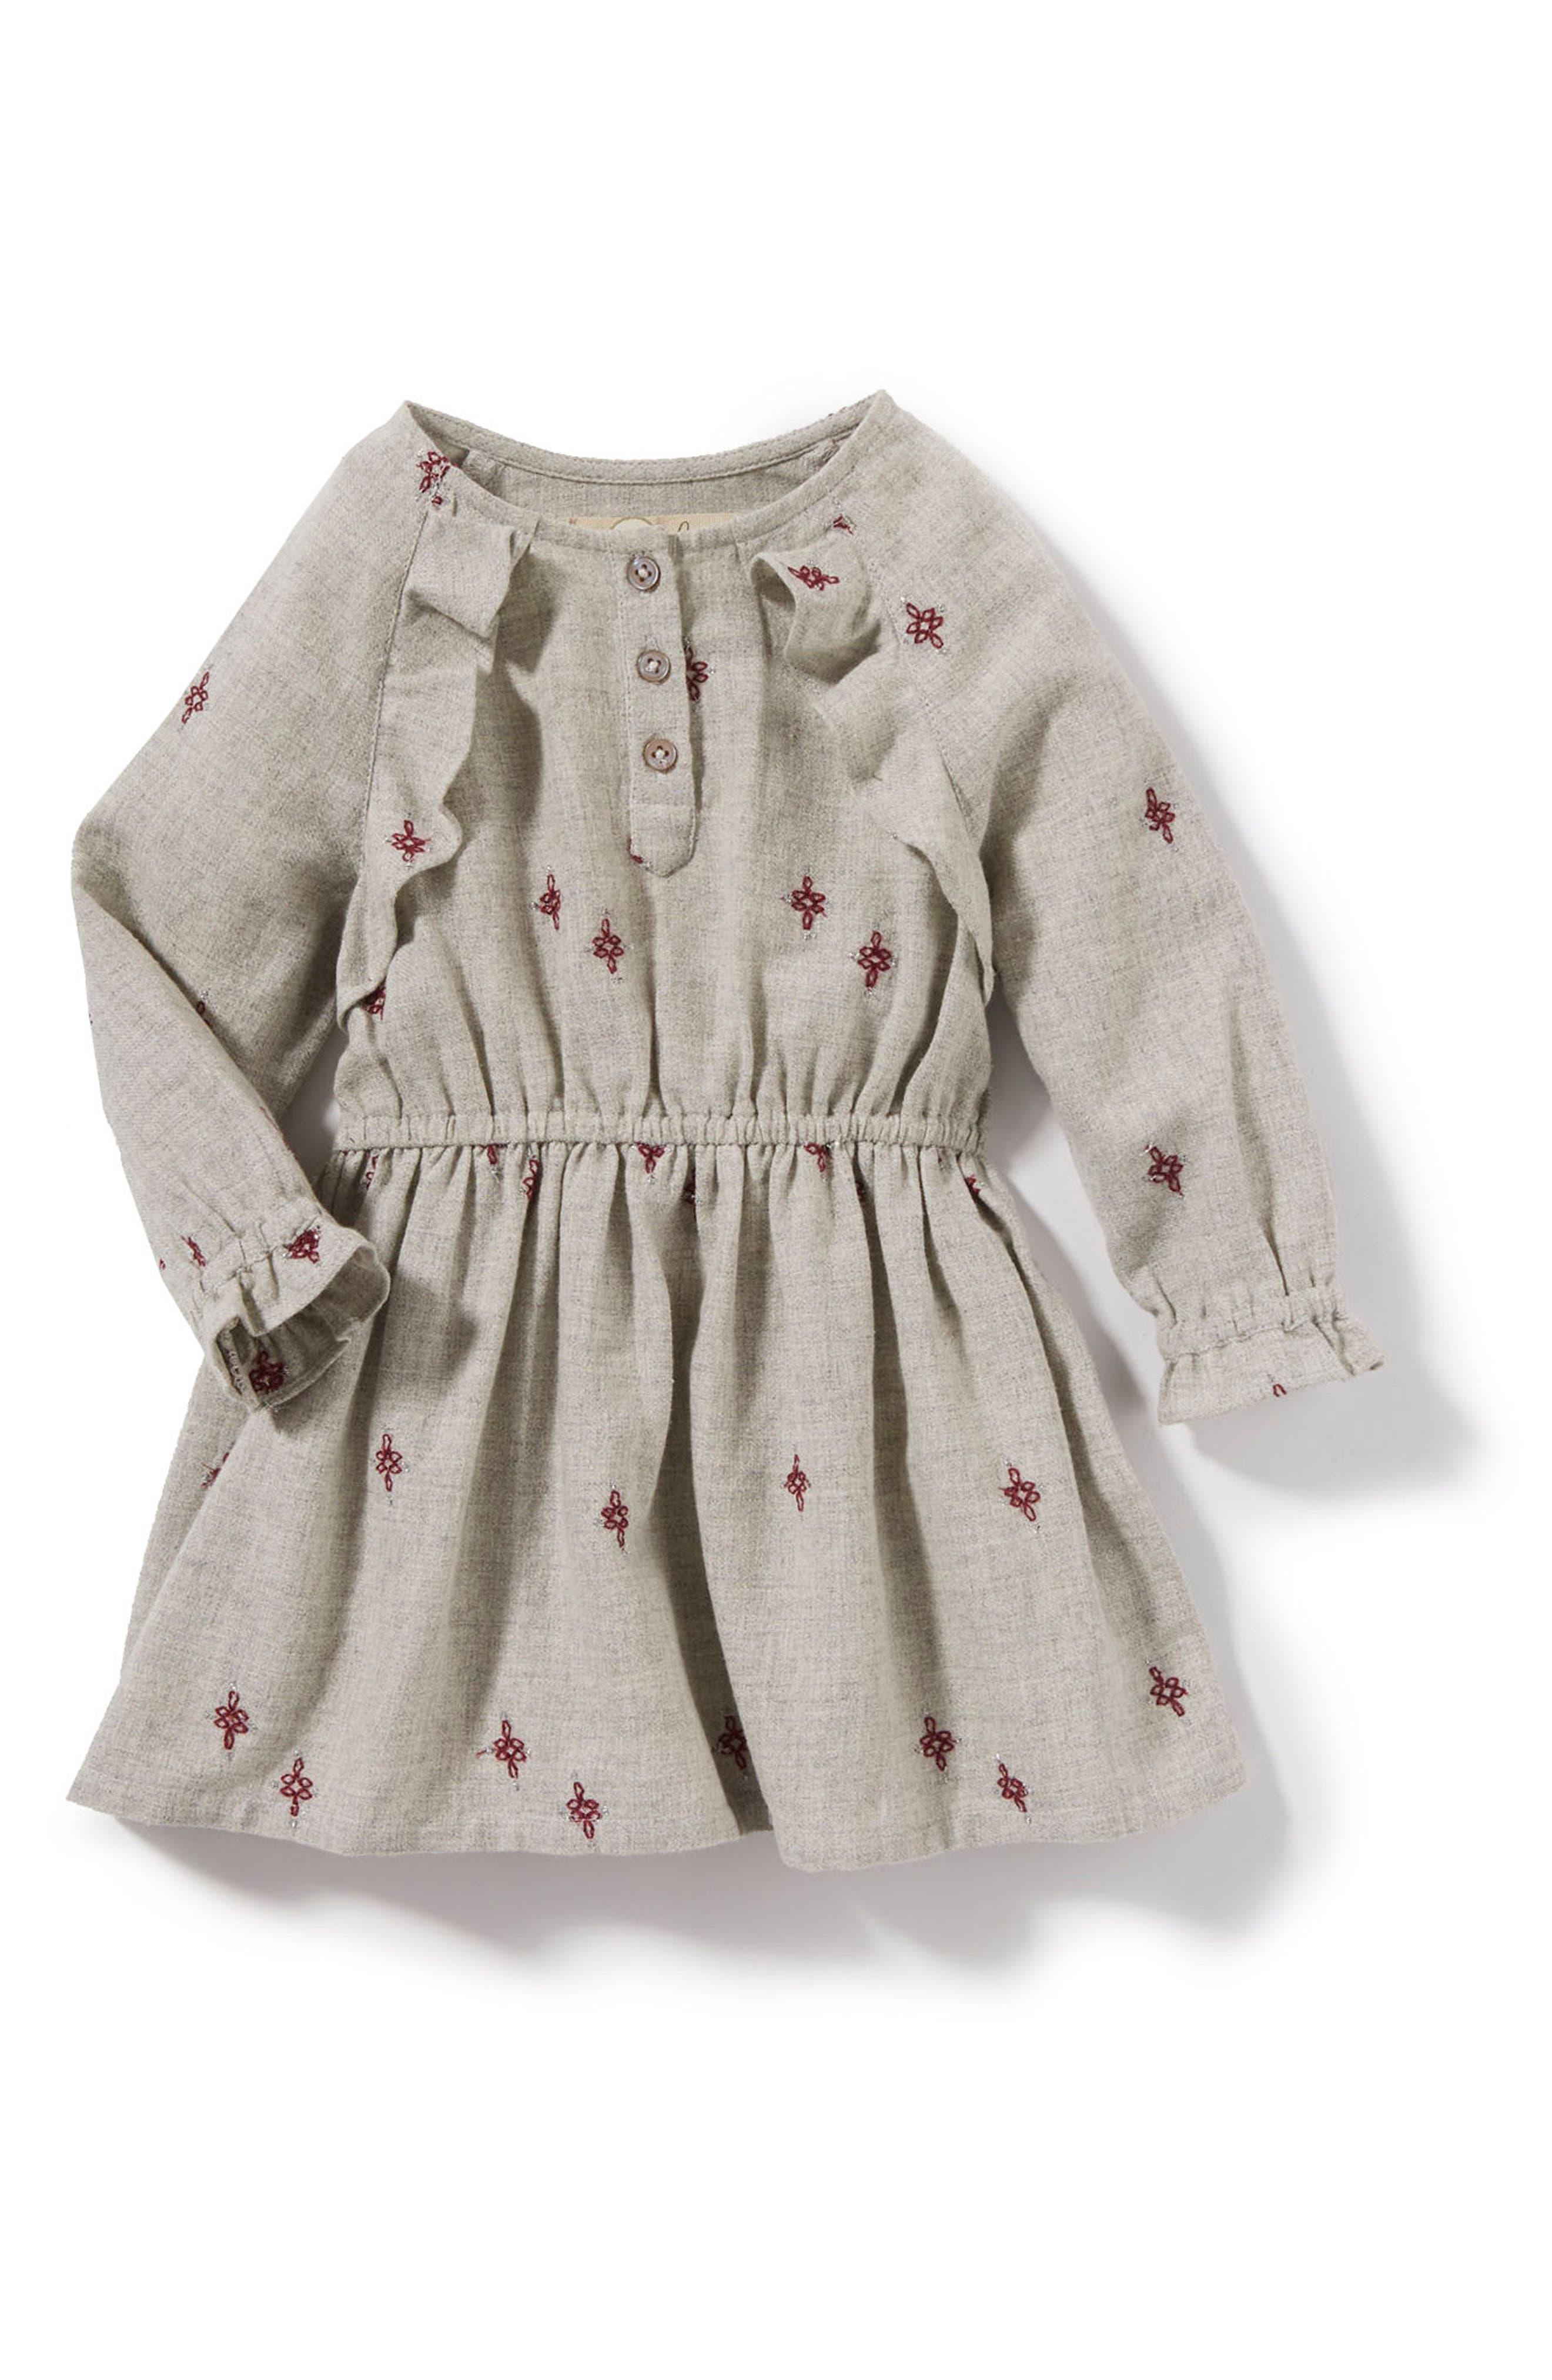 Alternate Image 1 Selected - Peek Janie Dress (Baby Girls)